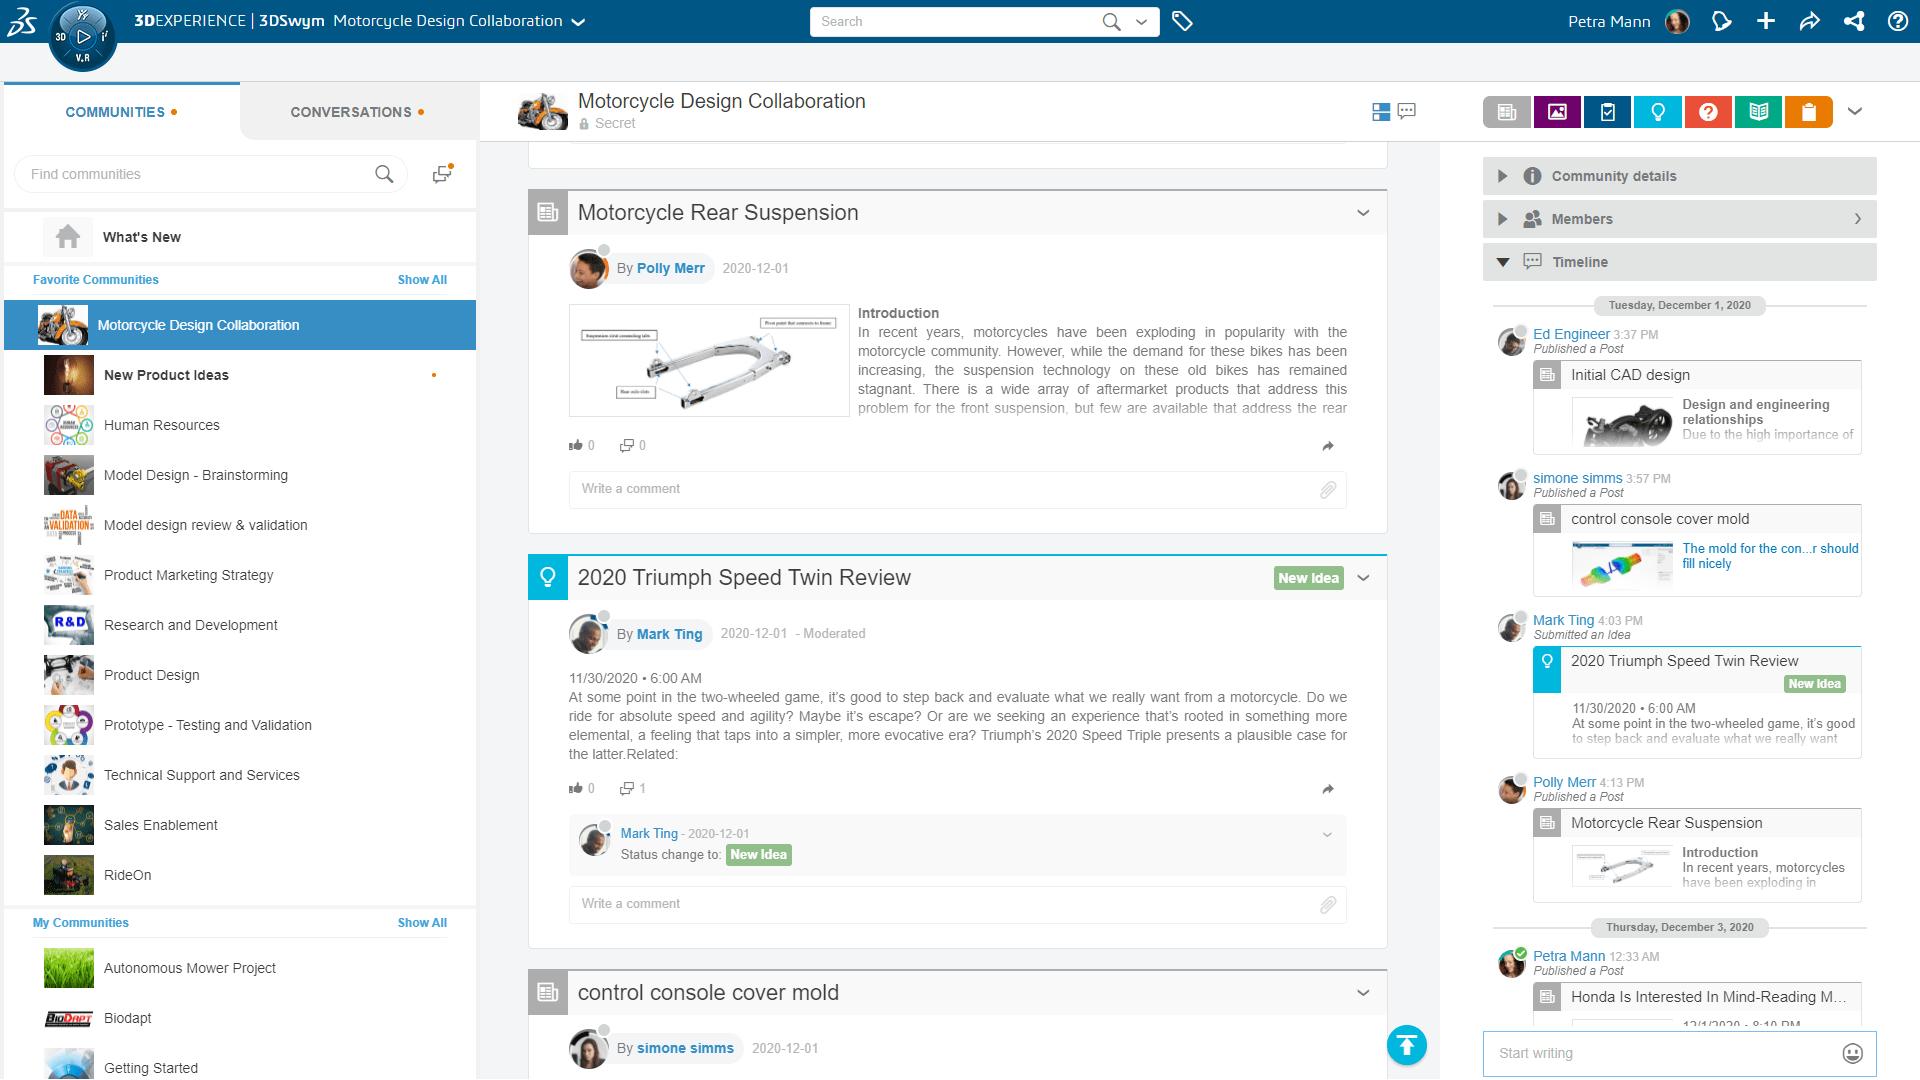 Gelegenheitslizenz-Funktion: Externe Stakeholder in 3DSwym-Communities einladen (Screenshot)